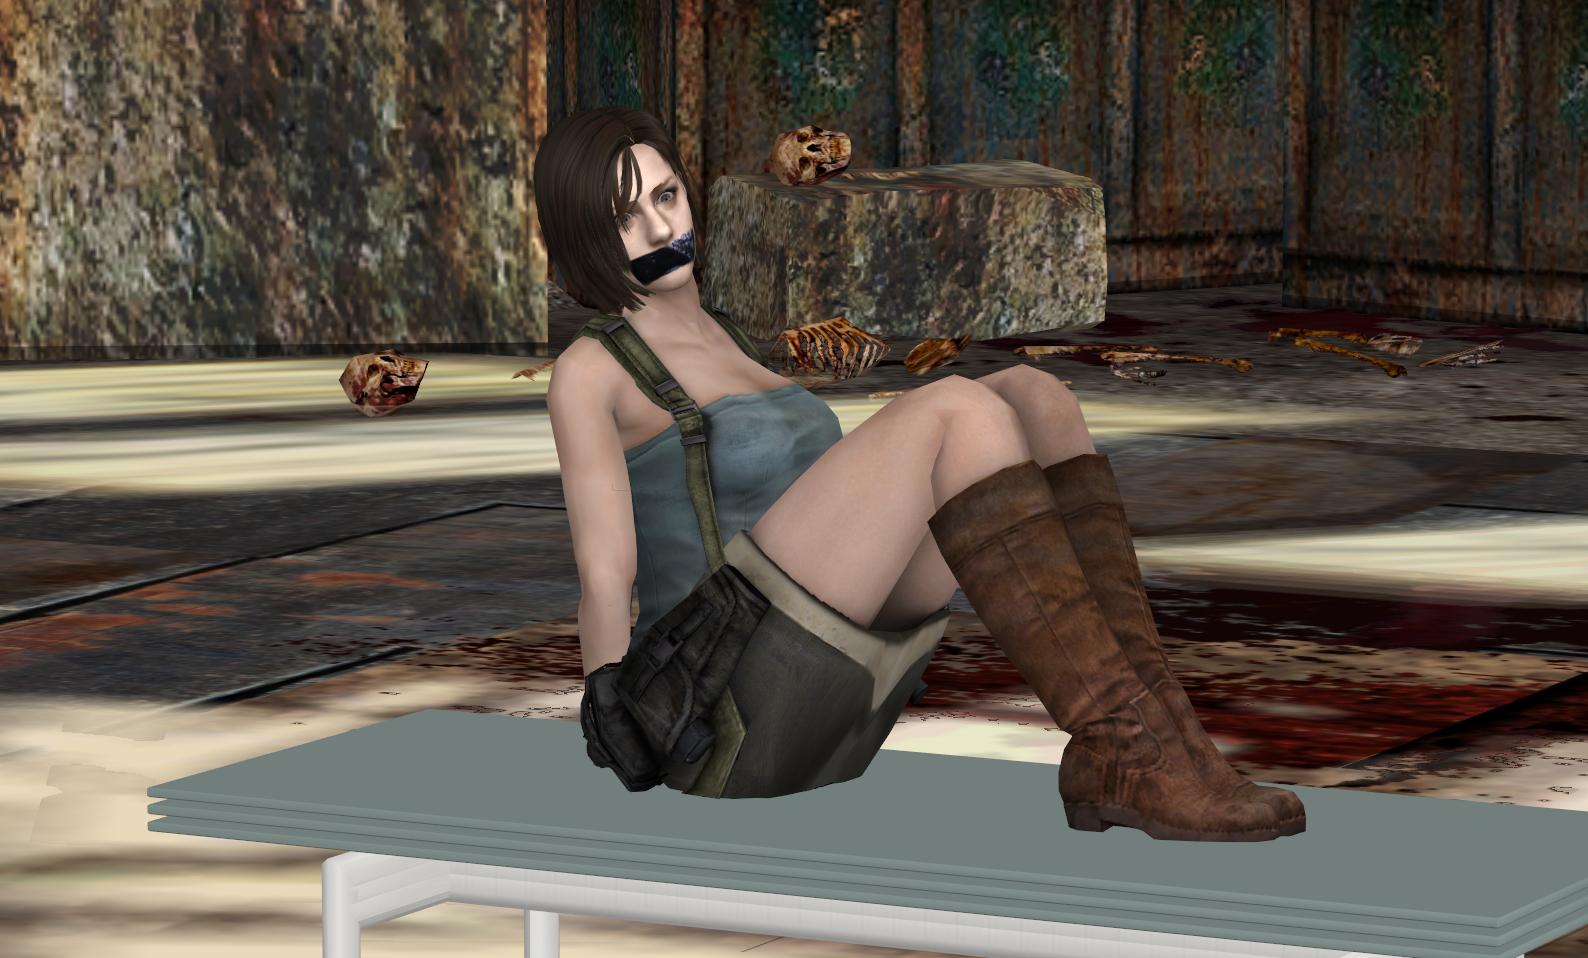 Resident evil 3 xxx 18 erotic xxx pictures